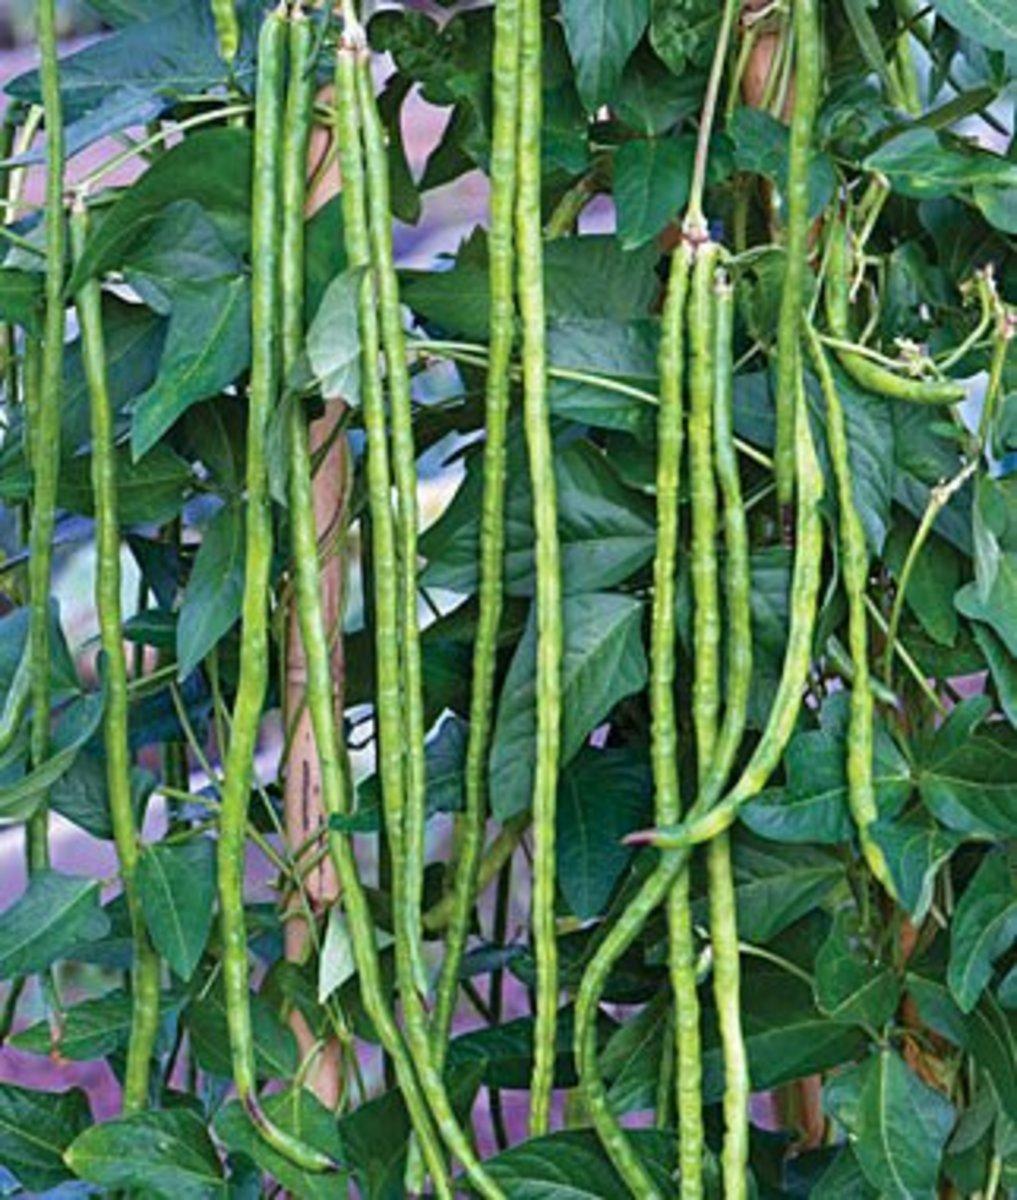 Mature asparagus beans